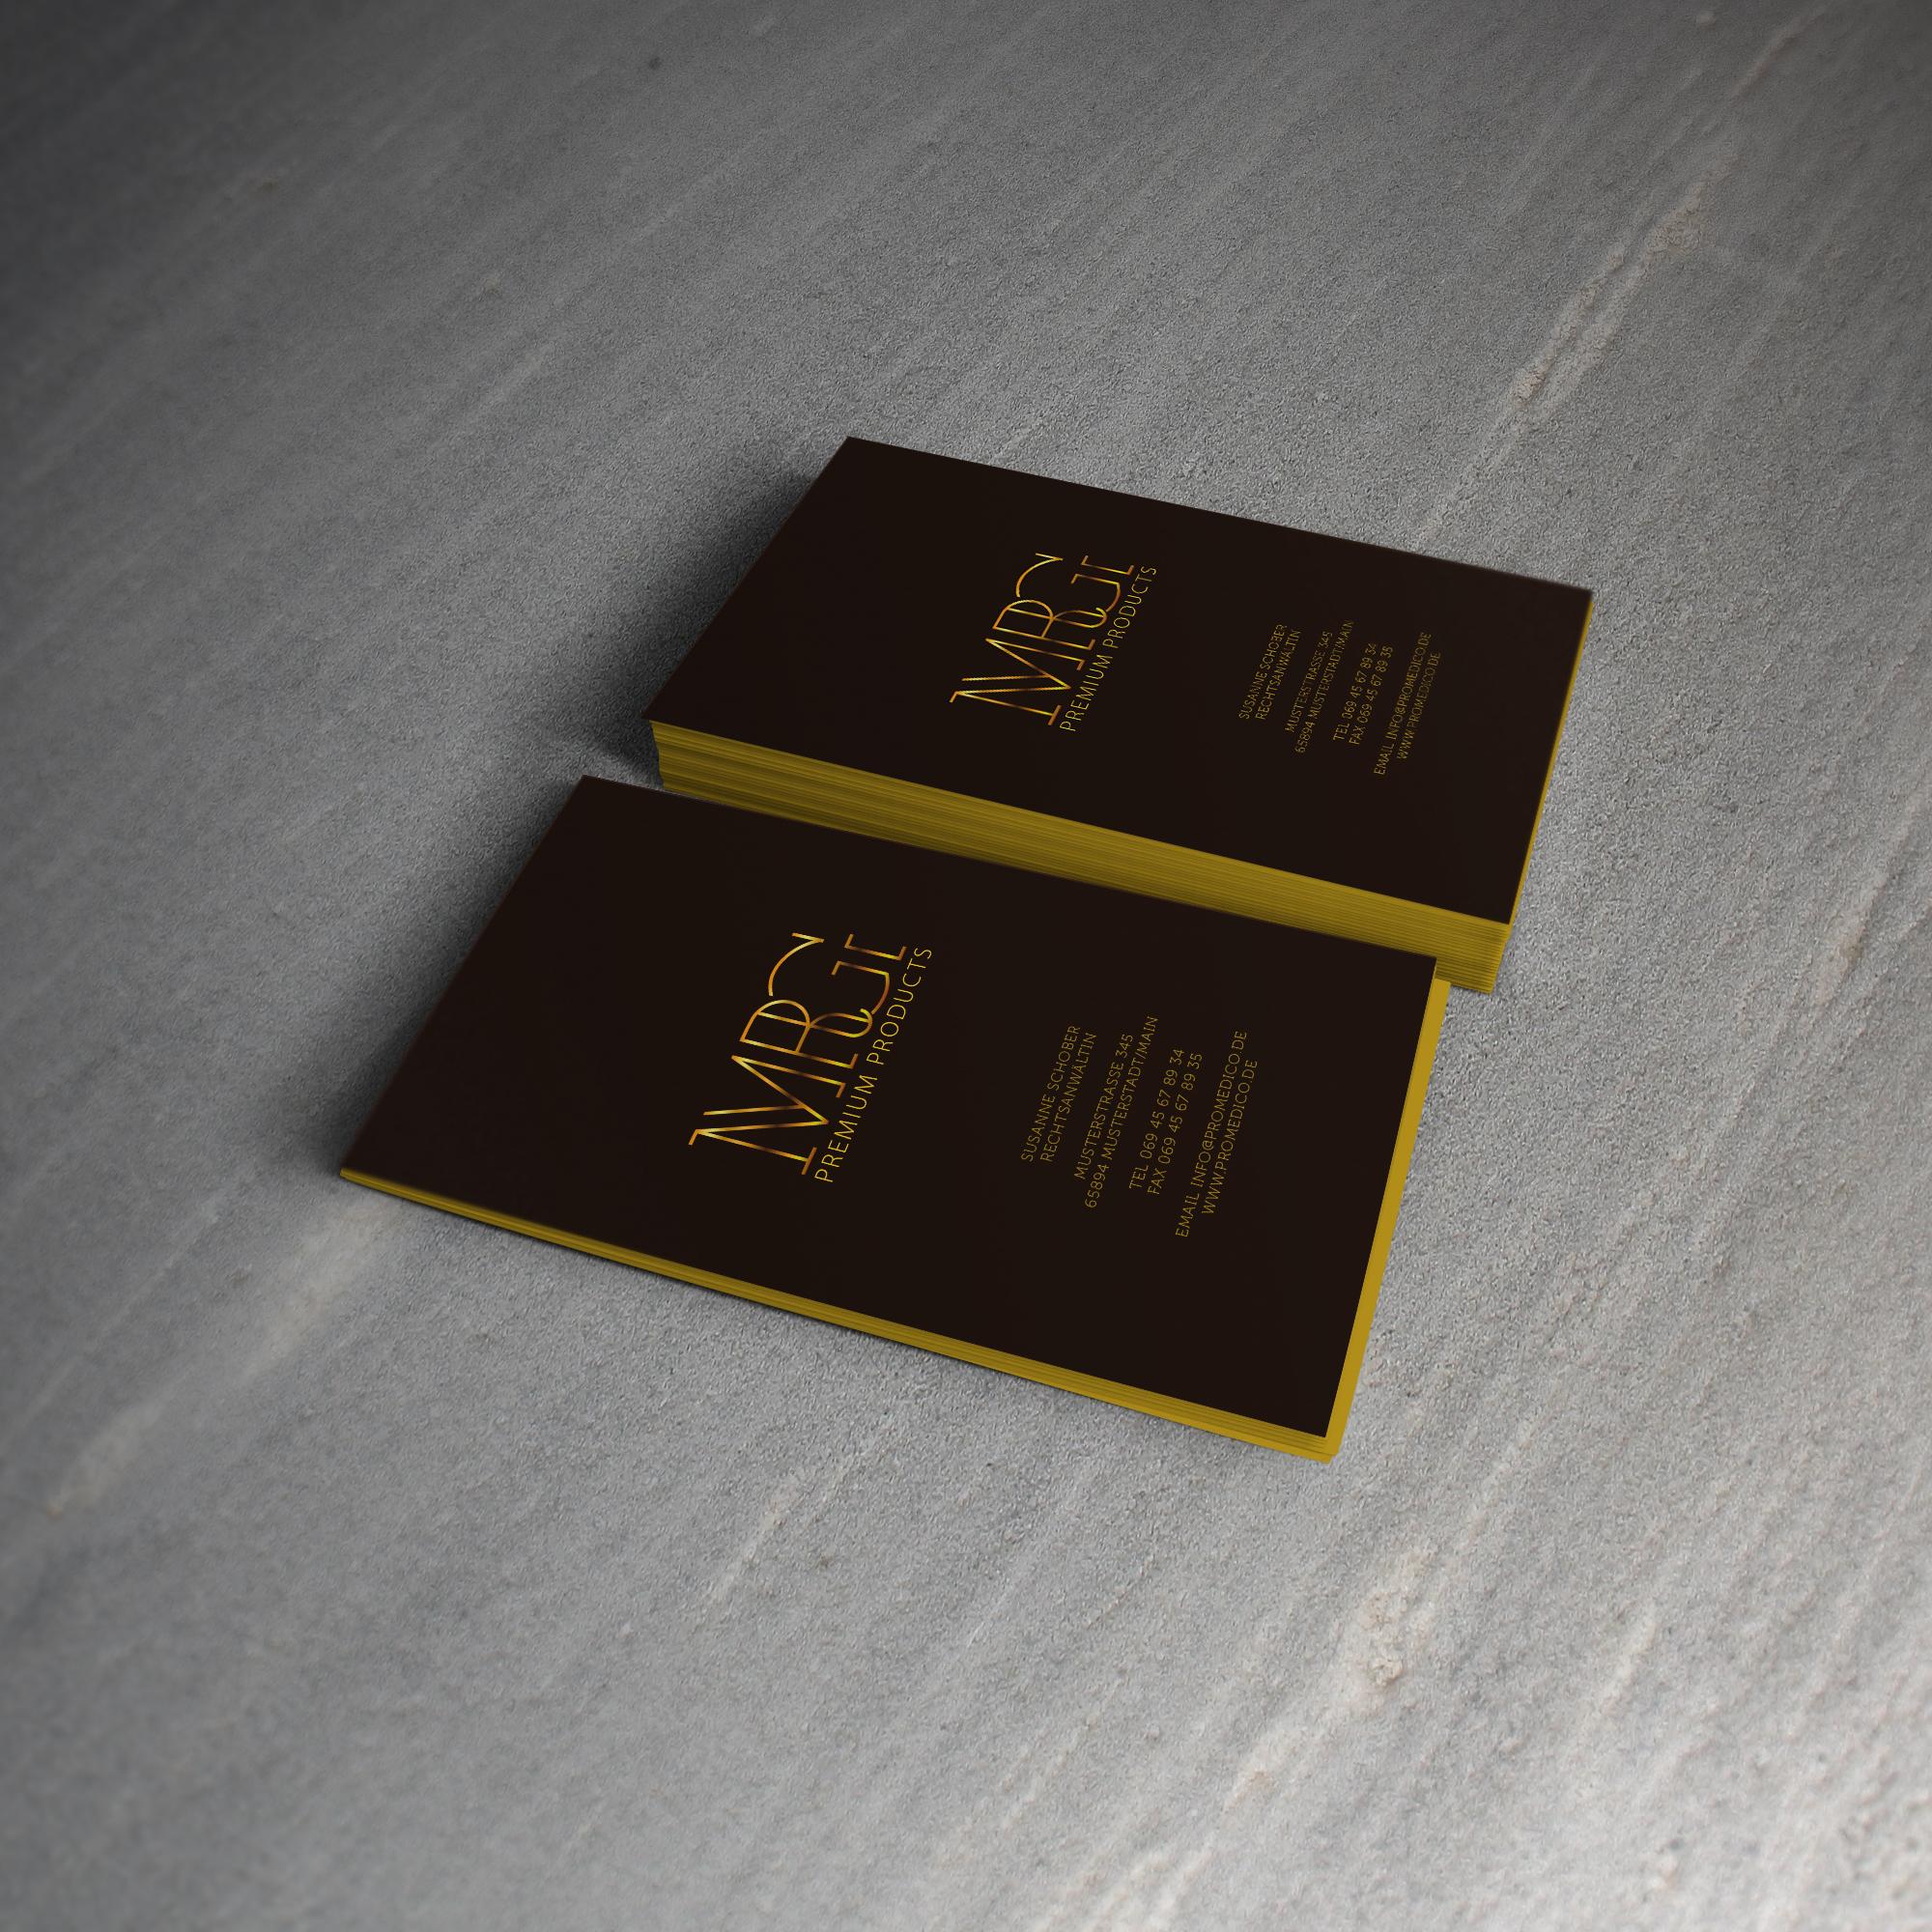 design #18 of bhr50